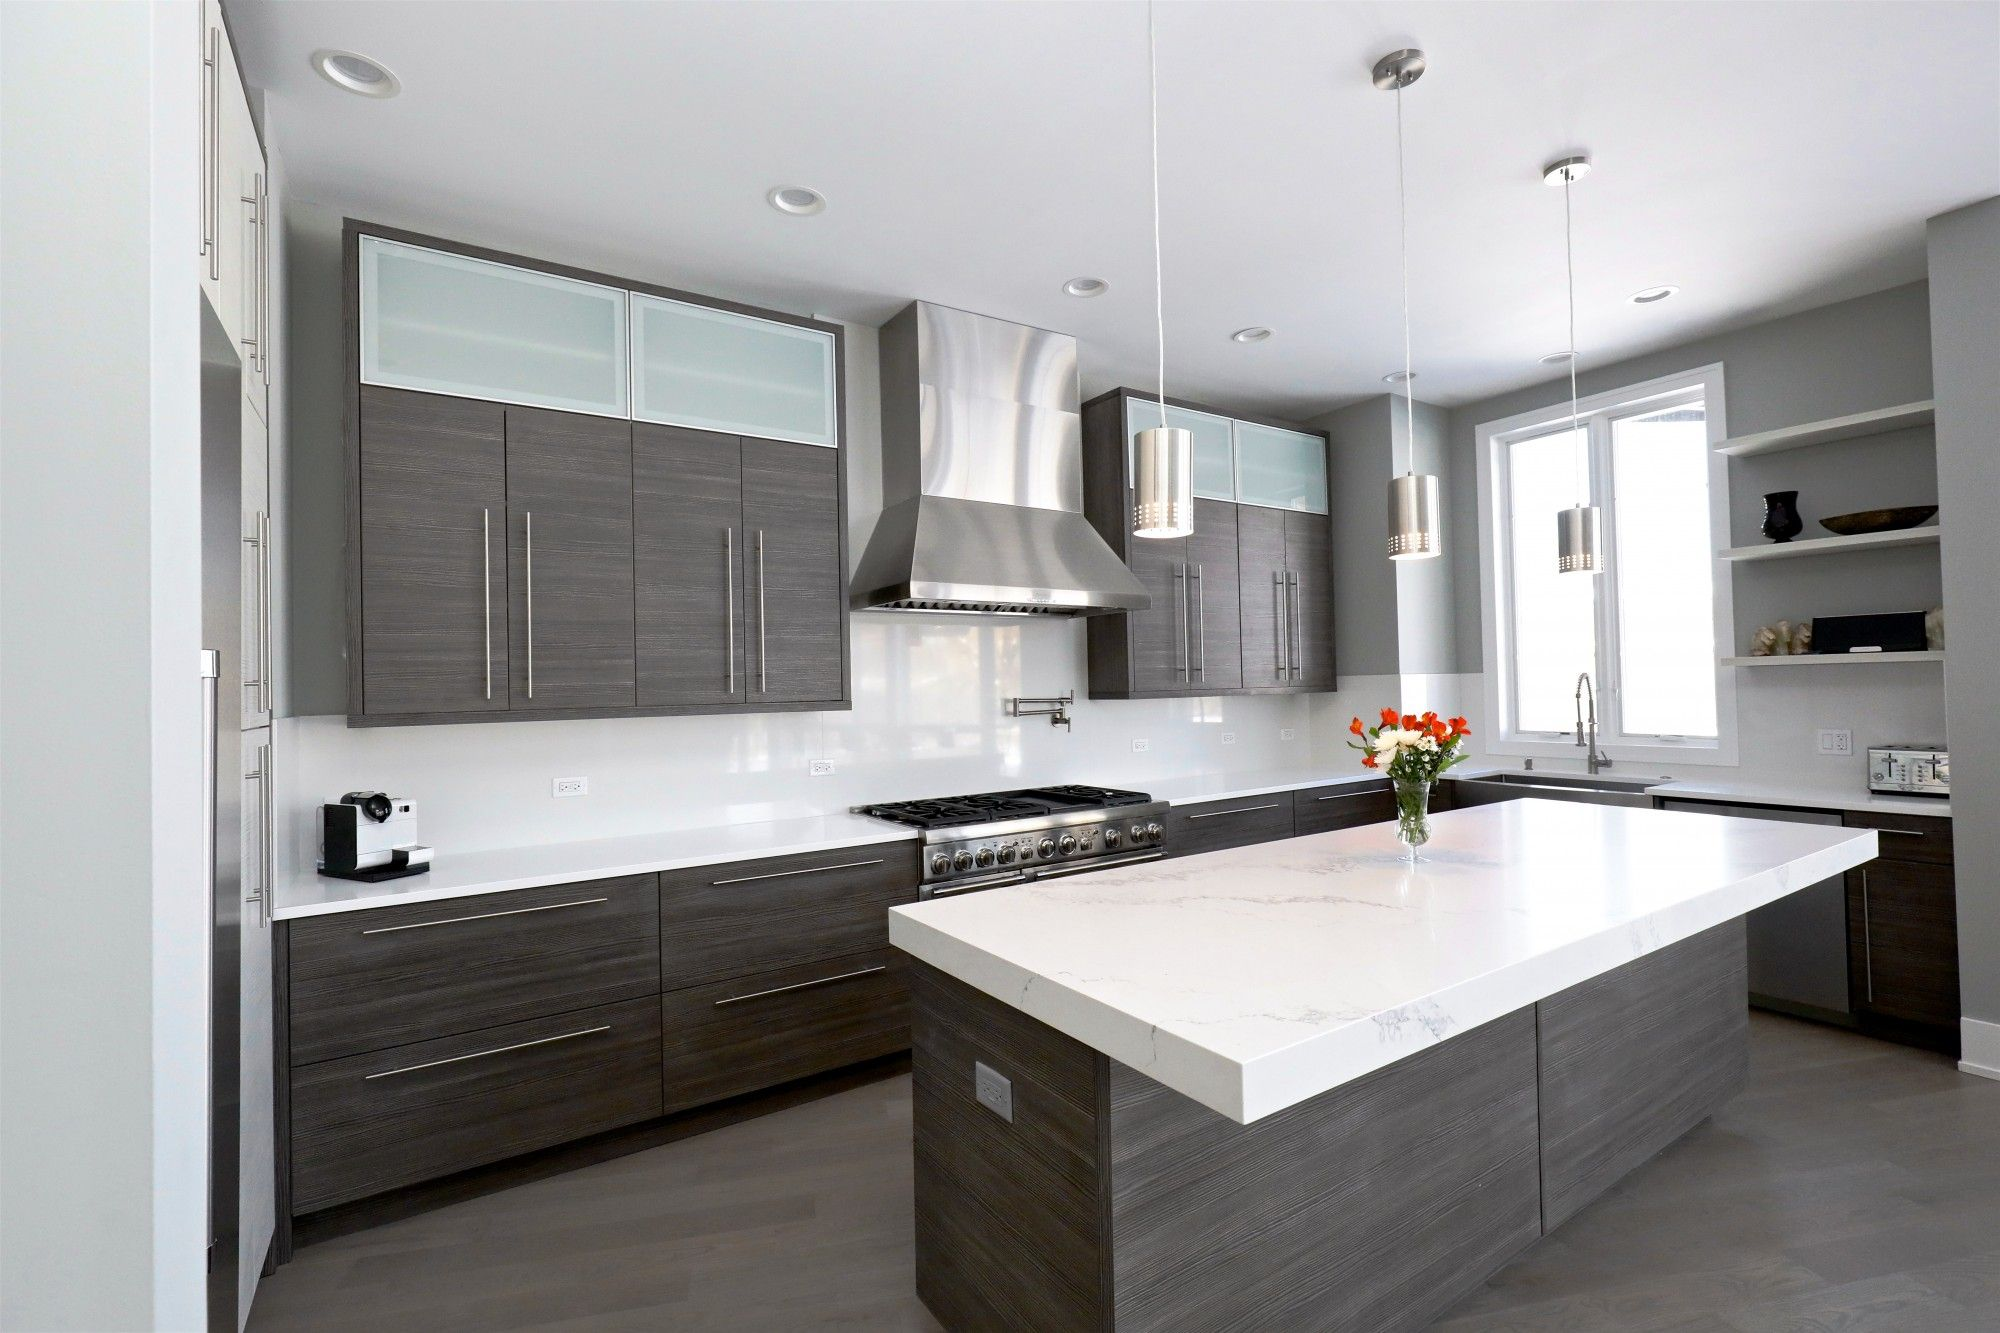 Lava Kitchen Stock Cabinets Melamine | kitchen | Pinterest ...